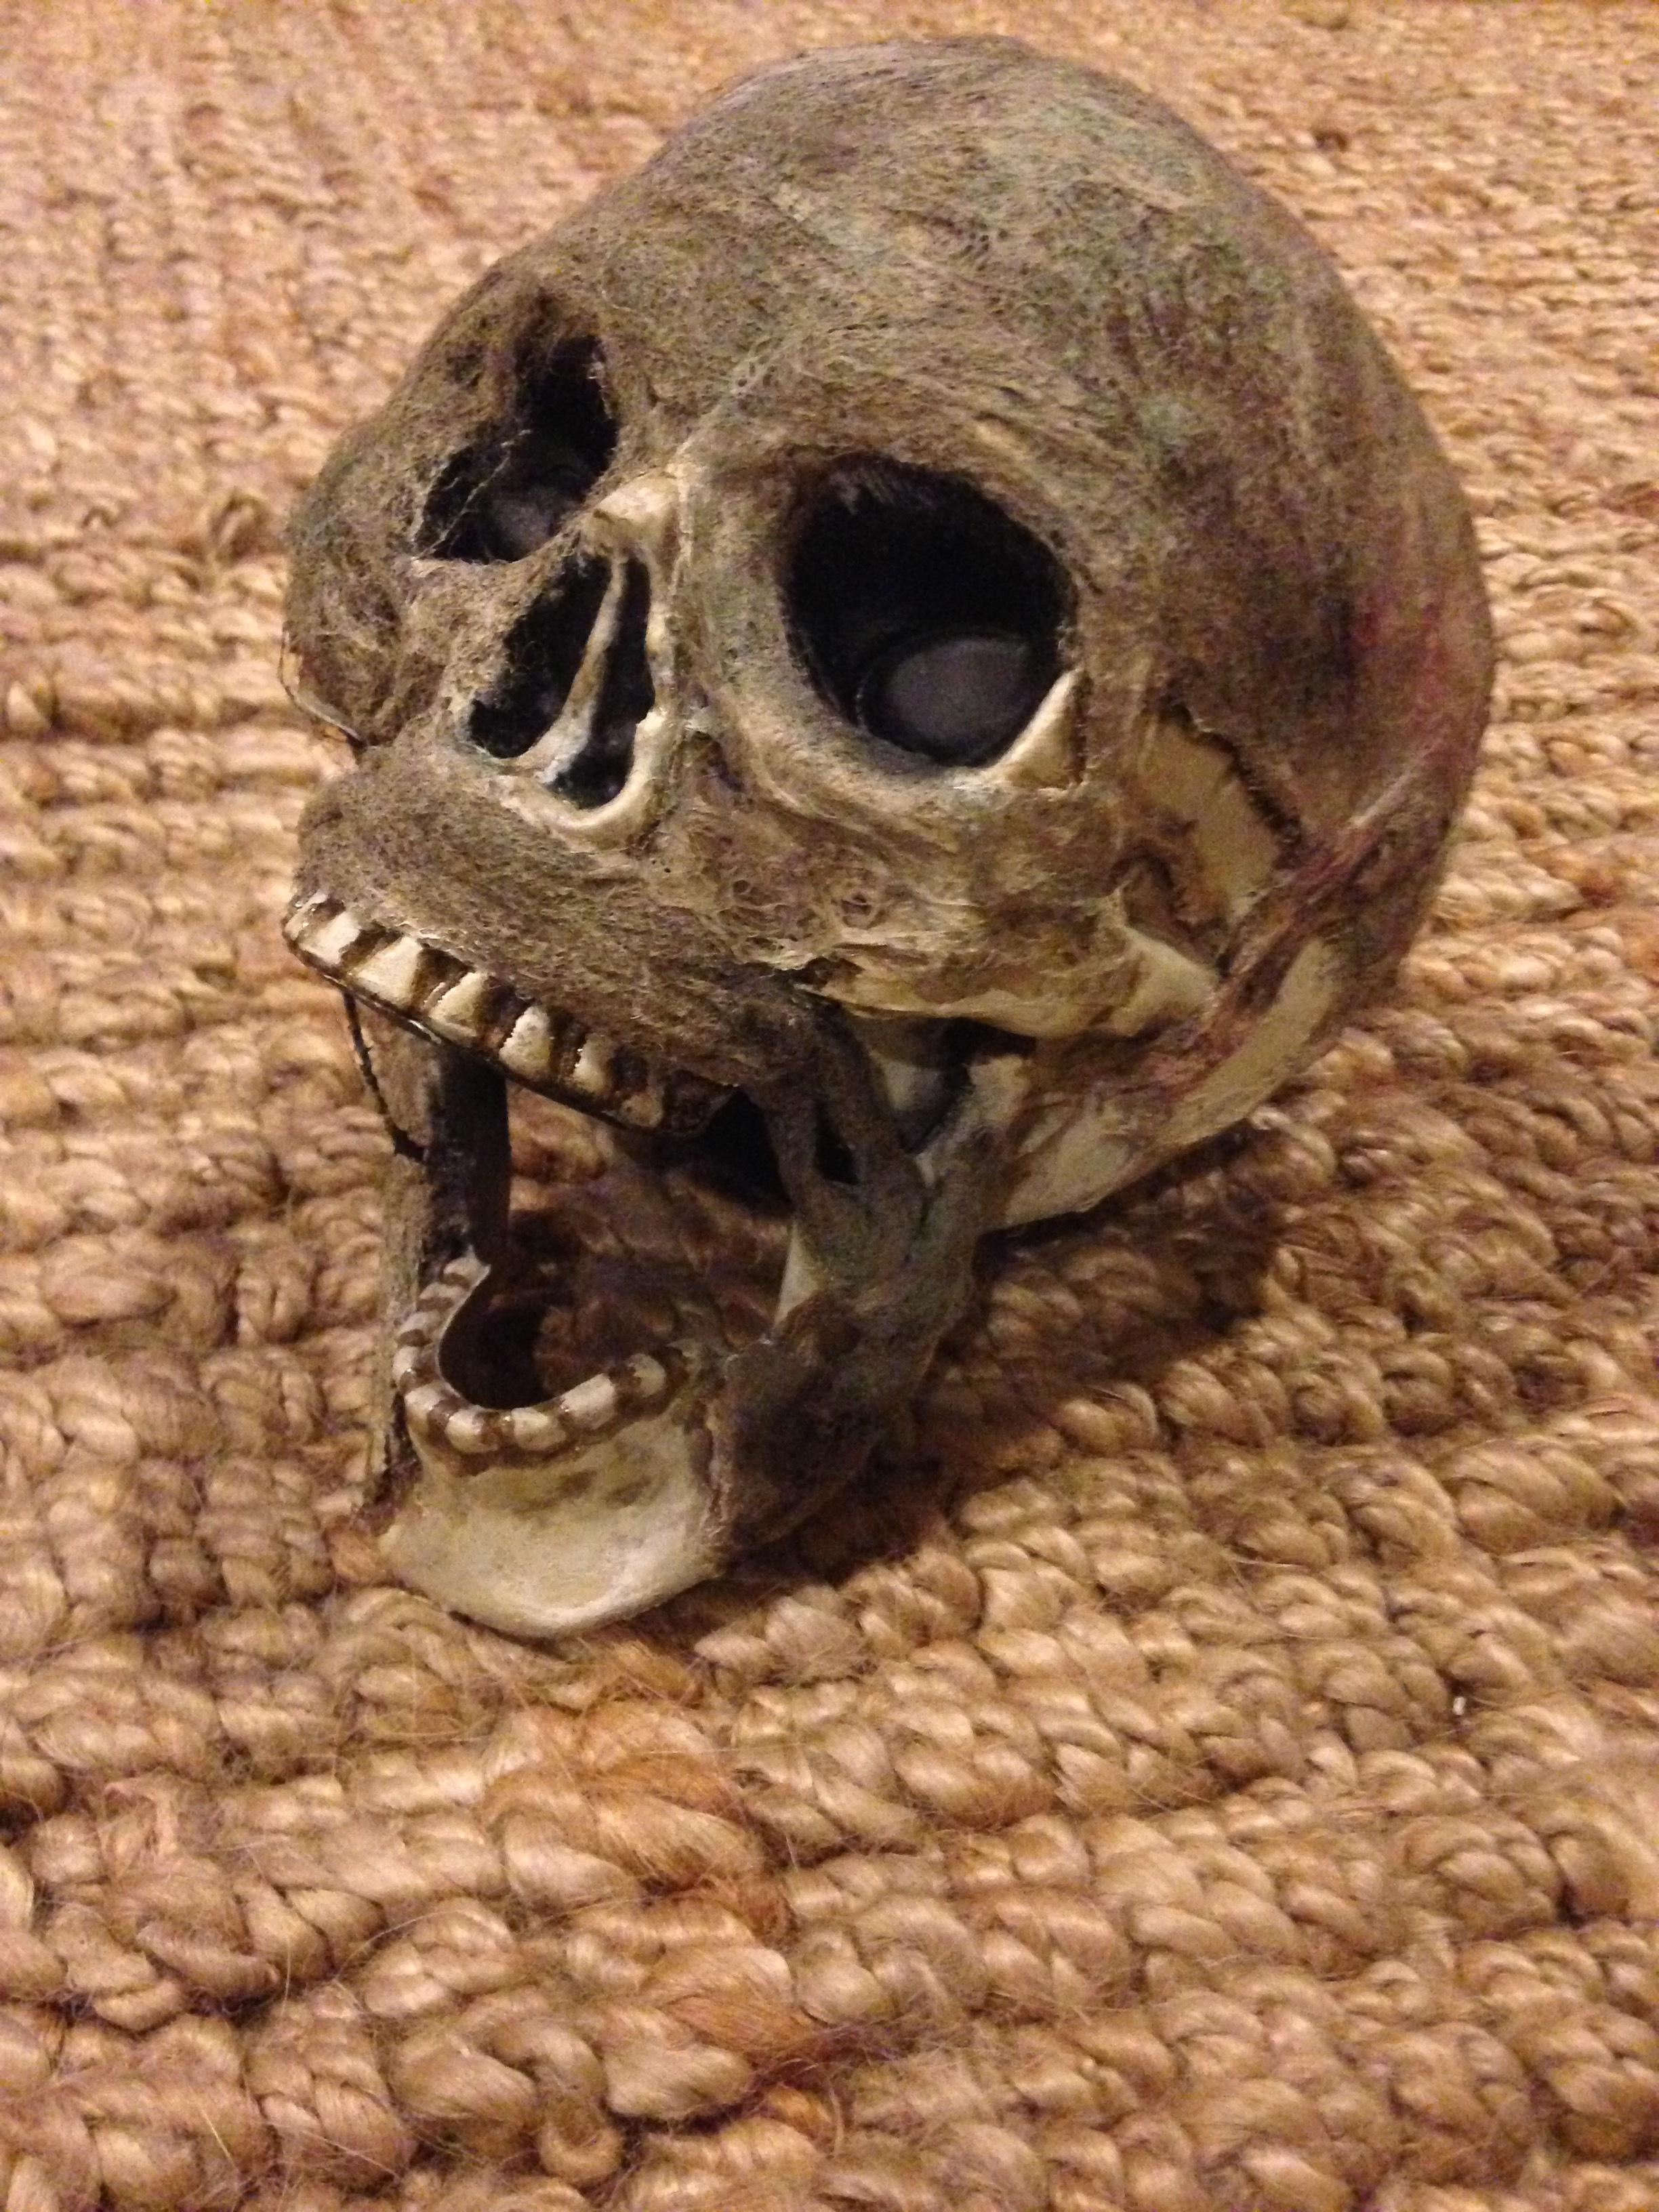 Skull_kean_keaneggett_halloween_rotted